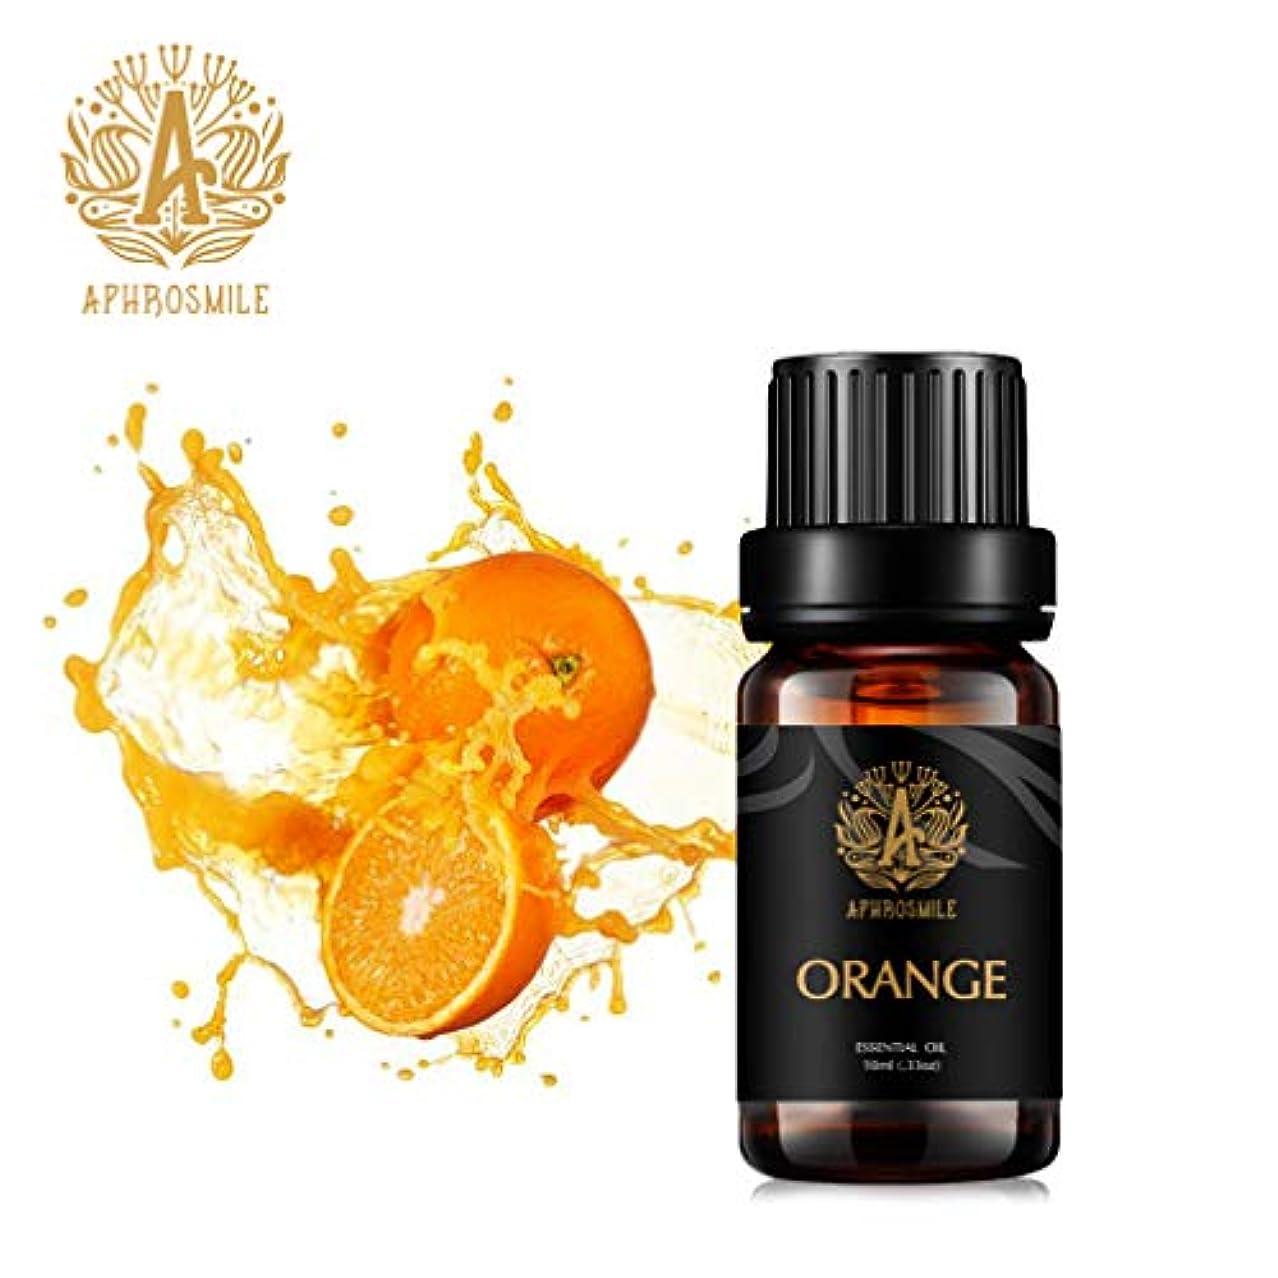 グリット先例同行するオレンジエッセンシャルオイル、100%ピュアアロマエッセンシャルオイルオレンジ香り、怒りを和らげる、治療用グレードエッセンシャルオイルオレンジの香り、為にディフューザー、マッサージ、加湿器、デイリーケア、0.33オンス-...